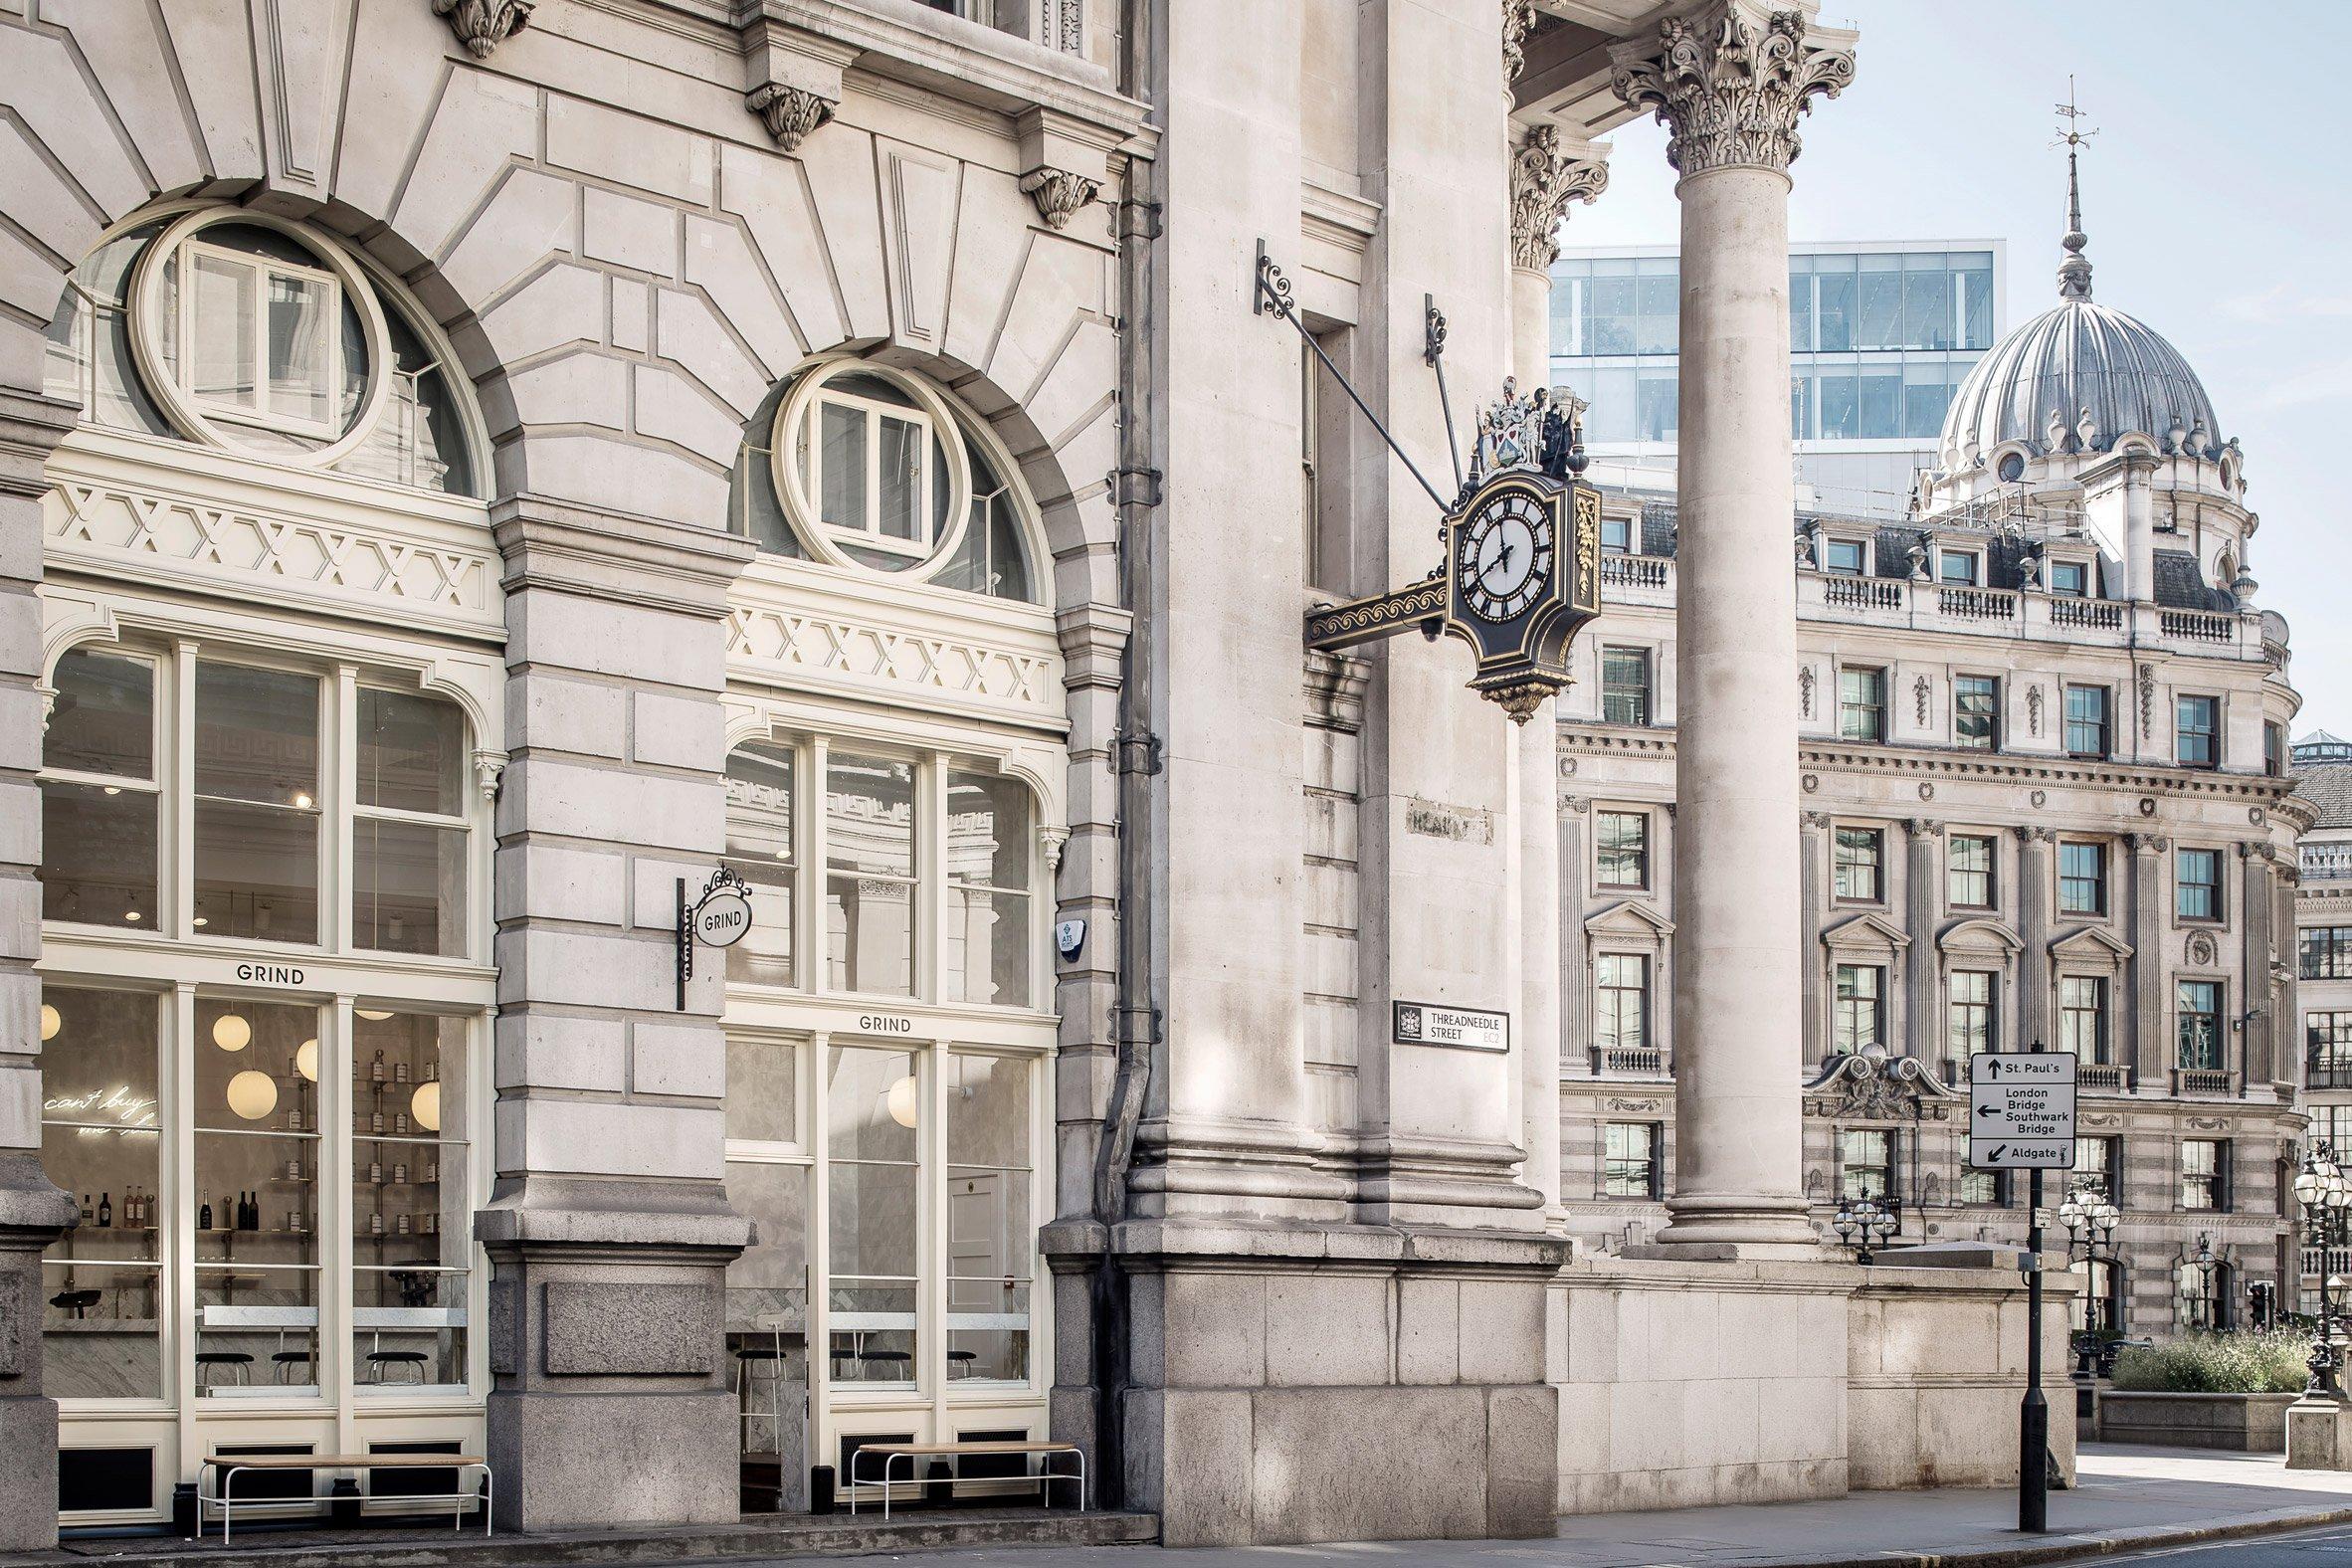 royal-exchange-grind-biasol-interiors-london-restaurants-bars_dezeen_2364_col_7